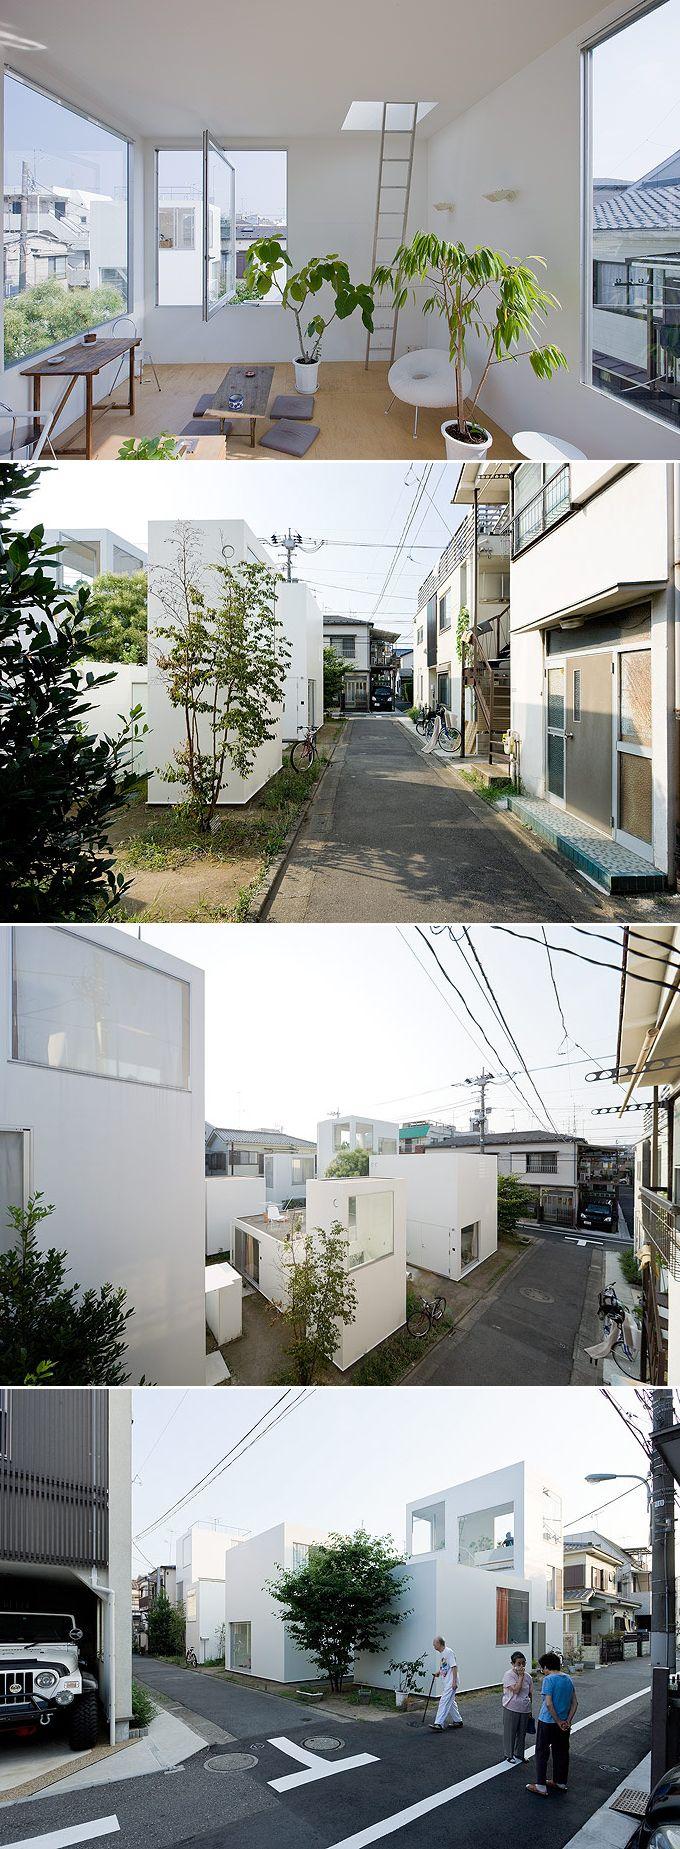 Architektur moriyama house wie schreibe ich eine rezension zu einem film